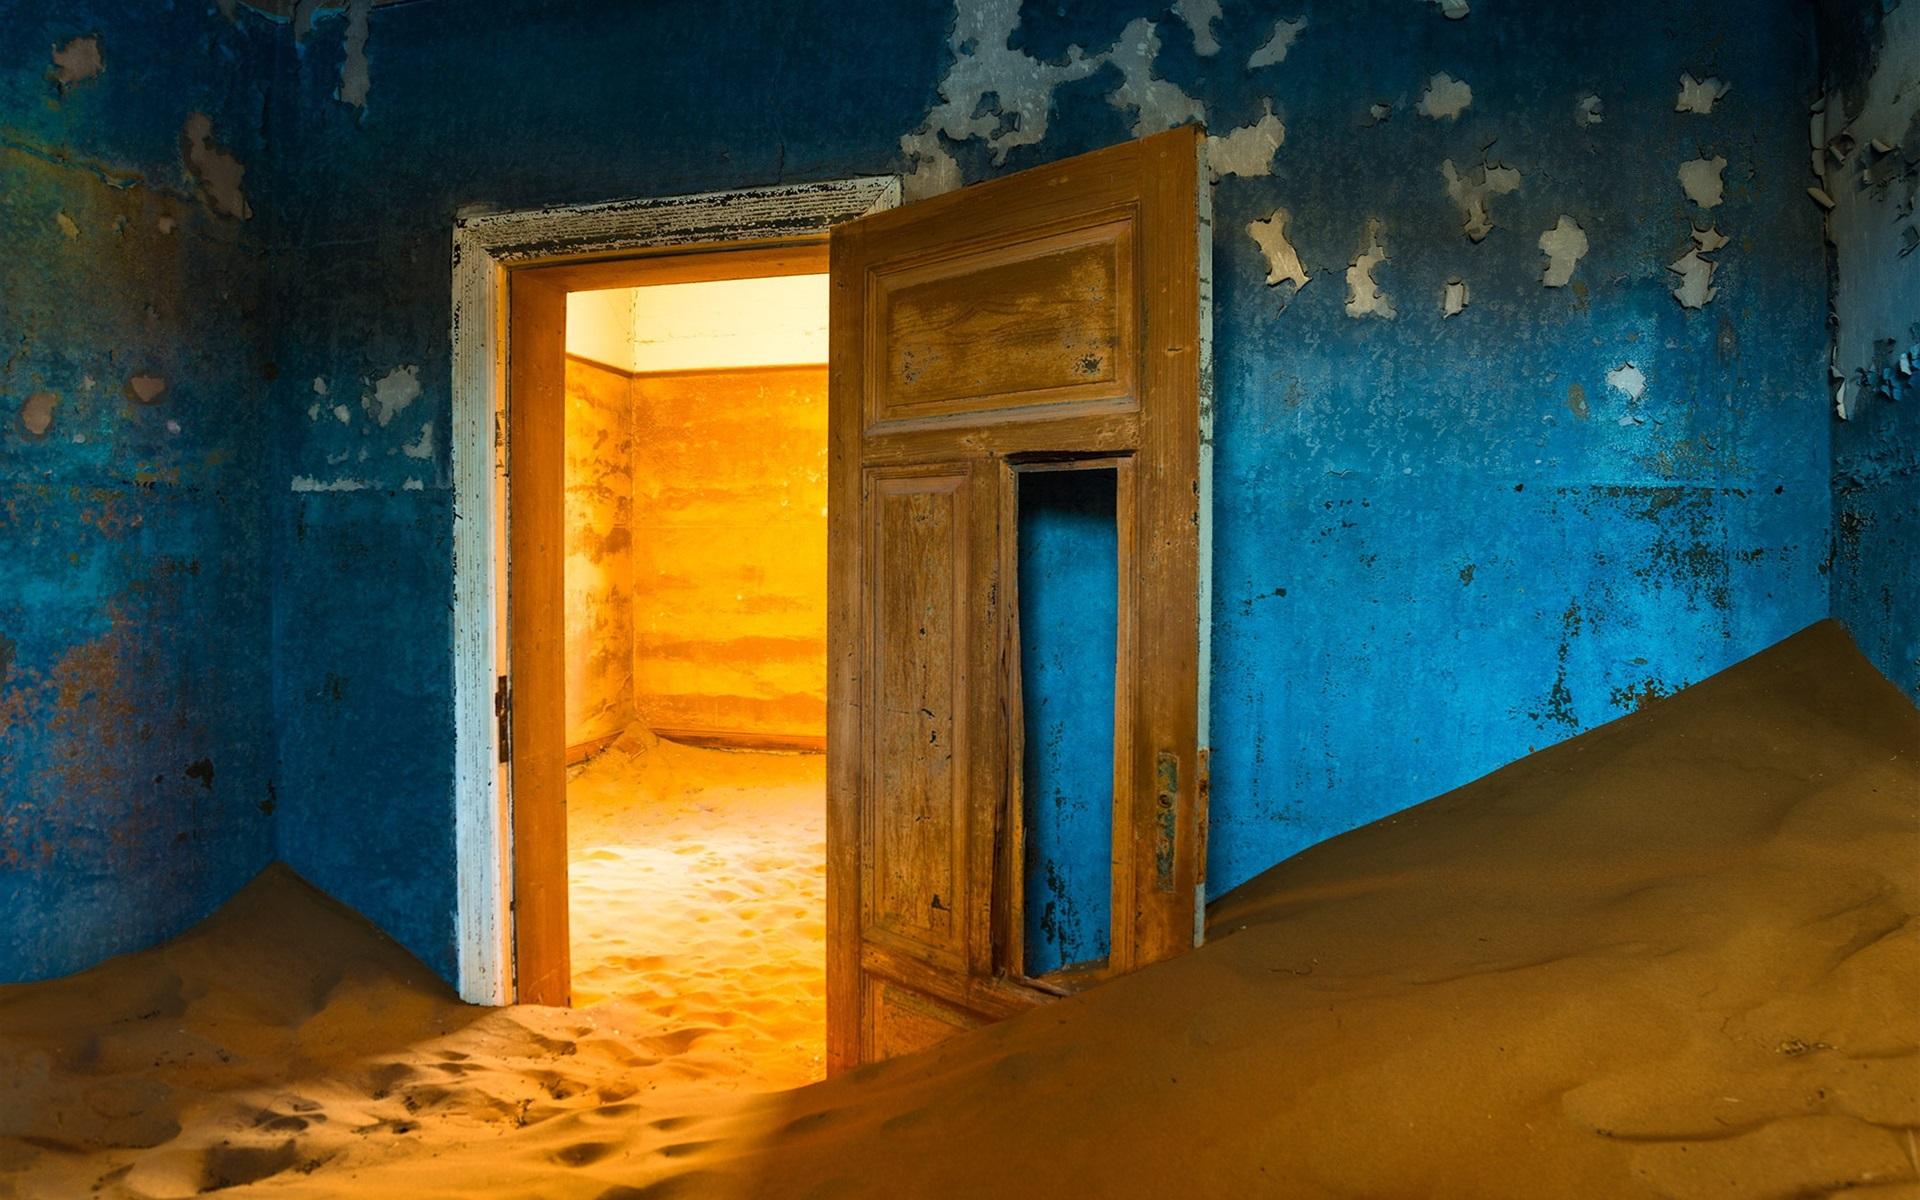 壁紙 家 砂 ドア 1920x1200 Hd 無料のデスクトップの背景 画像